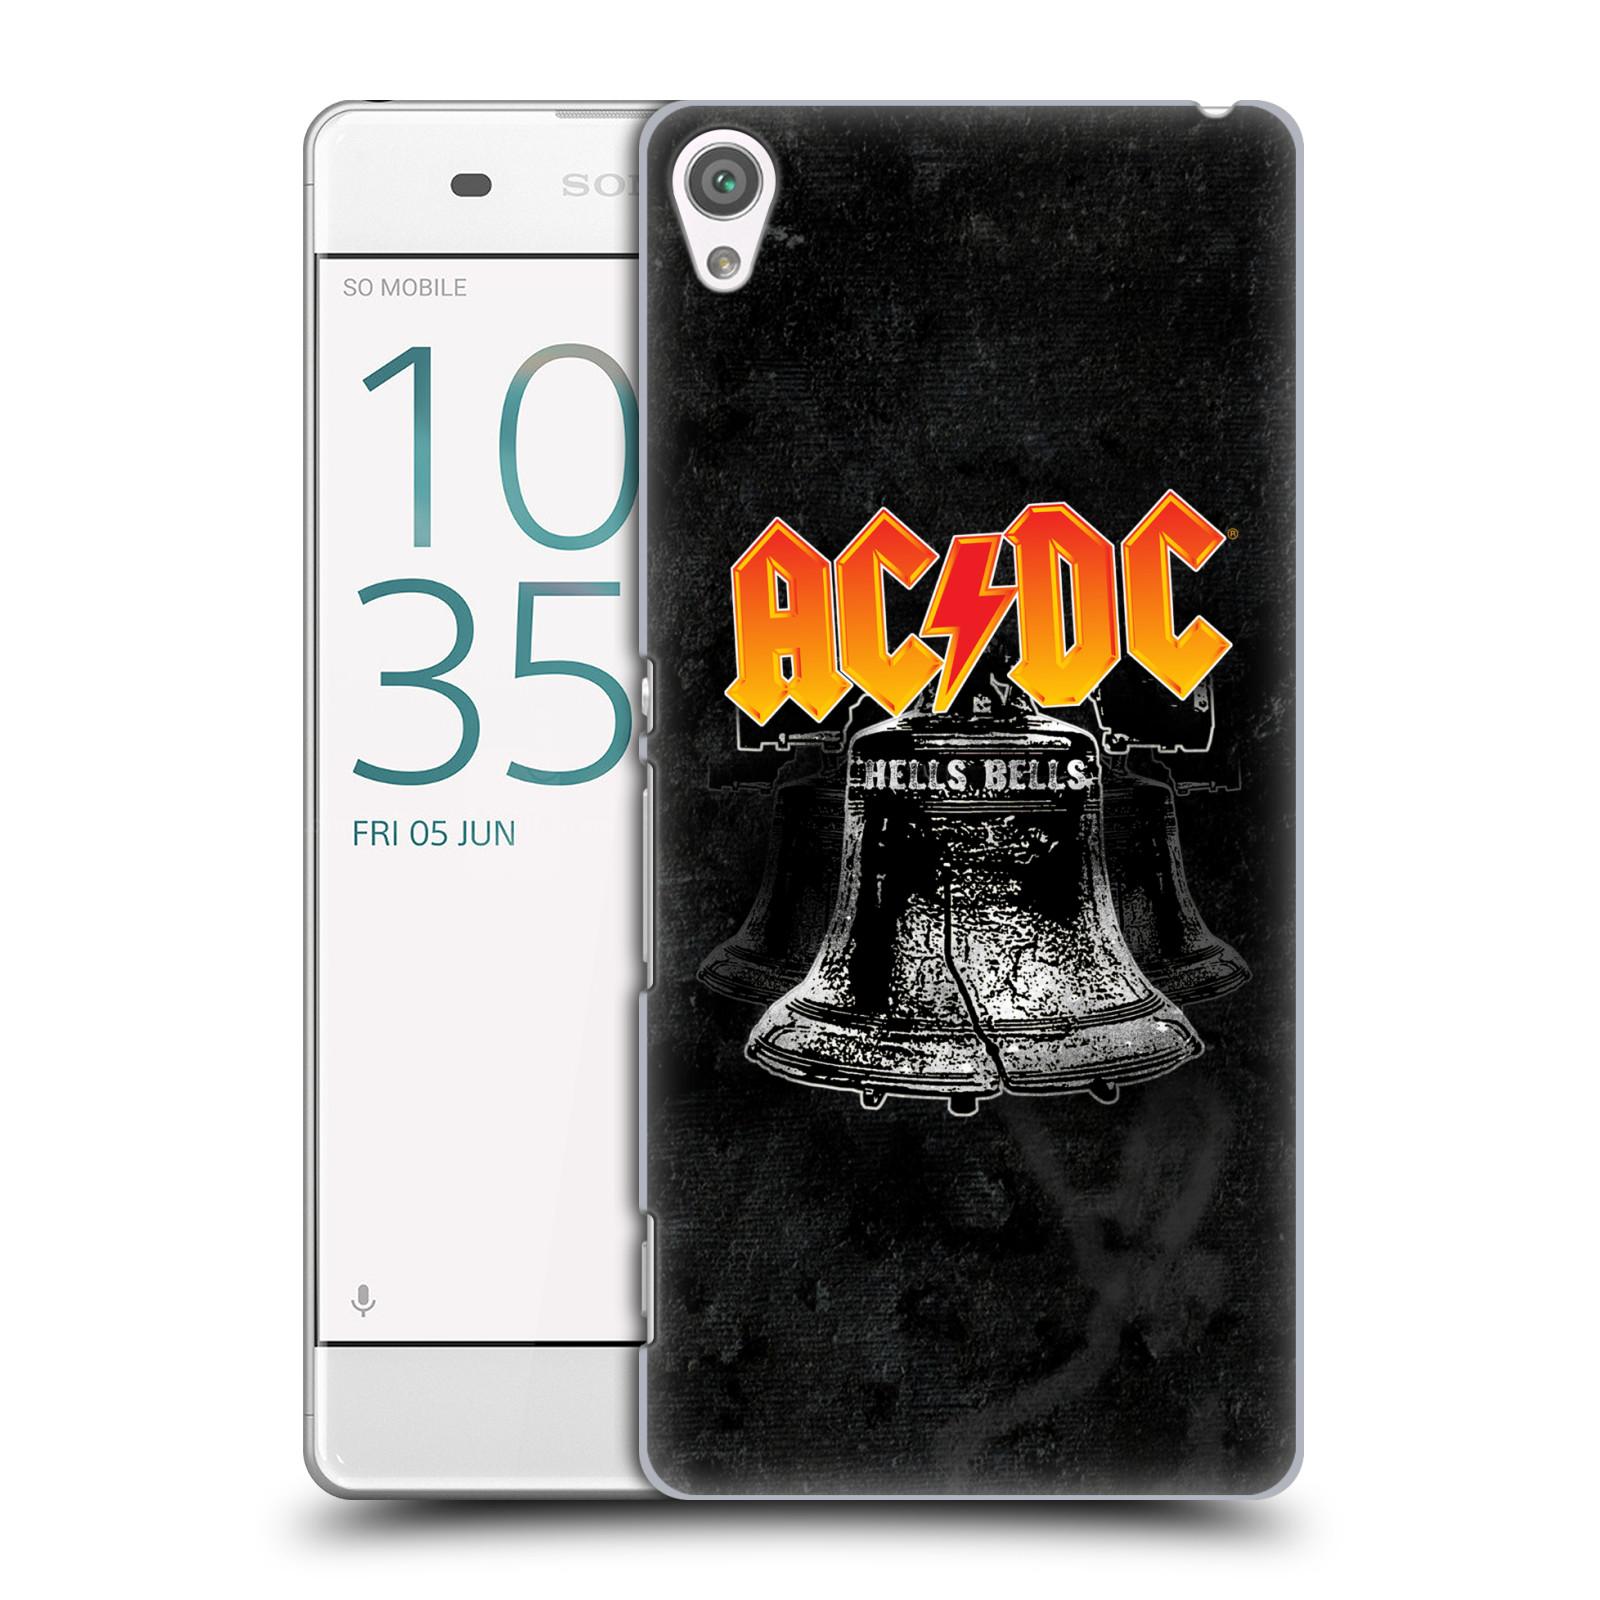 Plastové pouzdro na mobil Sony Xperia XA HEAD CASE AC/DC Hells Bells (Plastový kryt či obal na mobilní telefon s oficiálním motivem australské skupiny AC/DC pro Sony Xperia XA F3111 / Dual F3112)